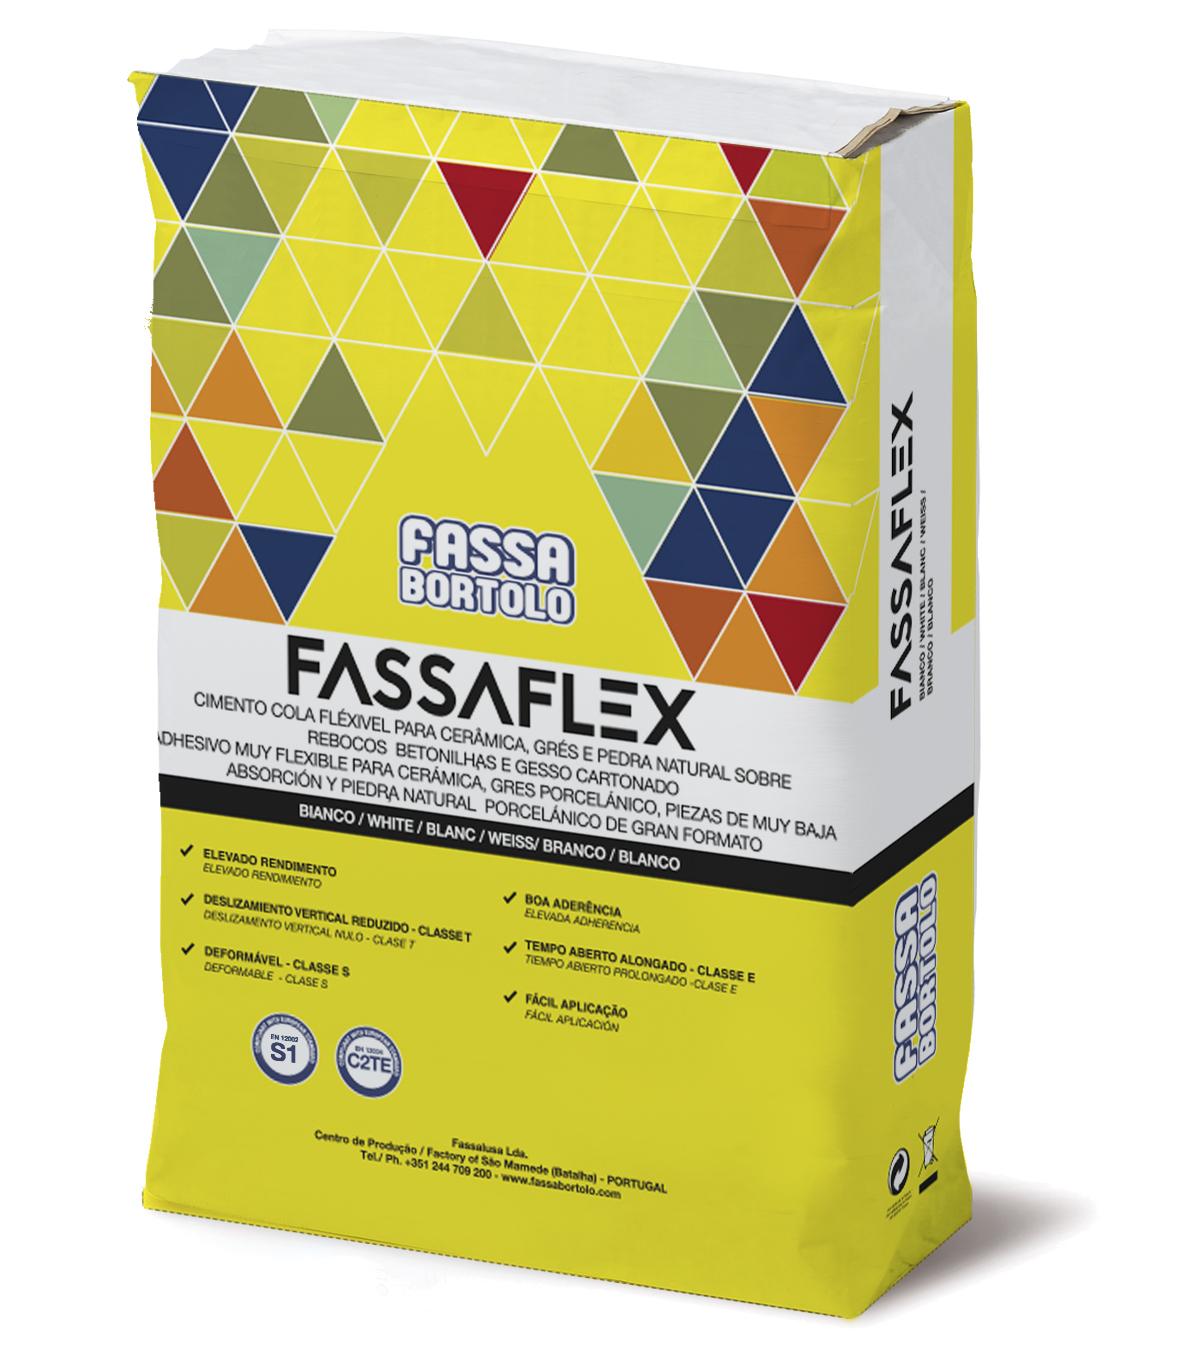 FASSAFLEX: FASSAFLEX é um cimento cola monocomponente branco e cinza, de altas prestações e deslizamento vertical nulo, com tempo aberto alongado, boa elasticidade e deformável para pavimentos e revestimentos seja interior como exterior.